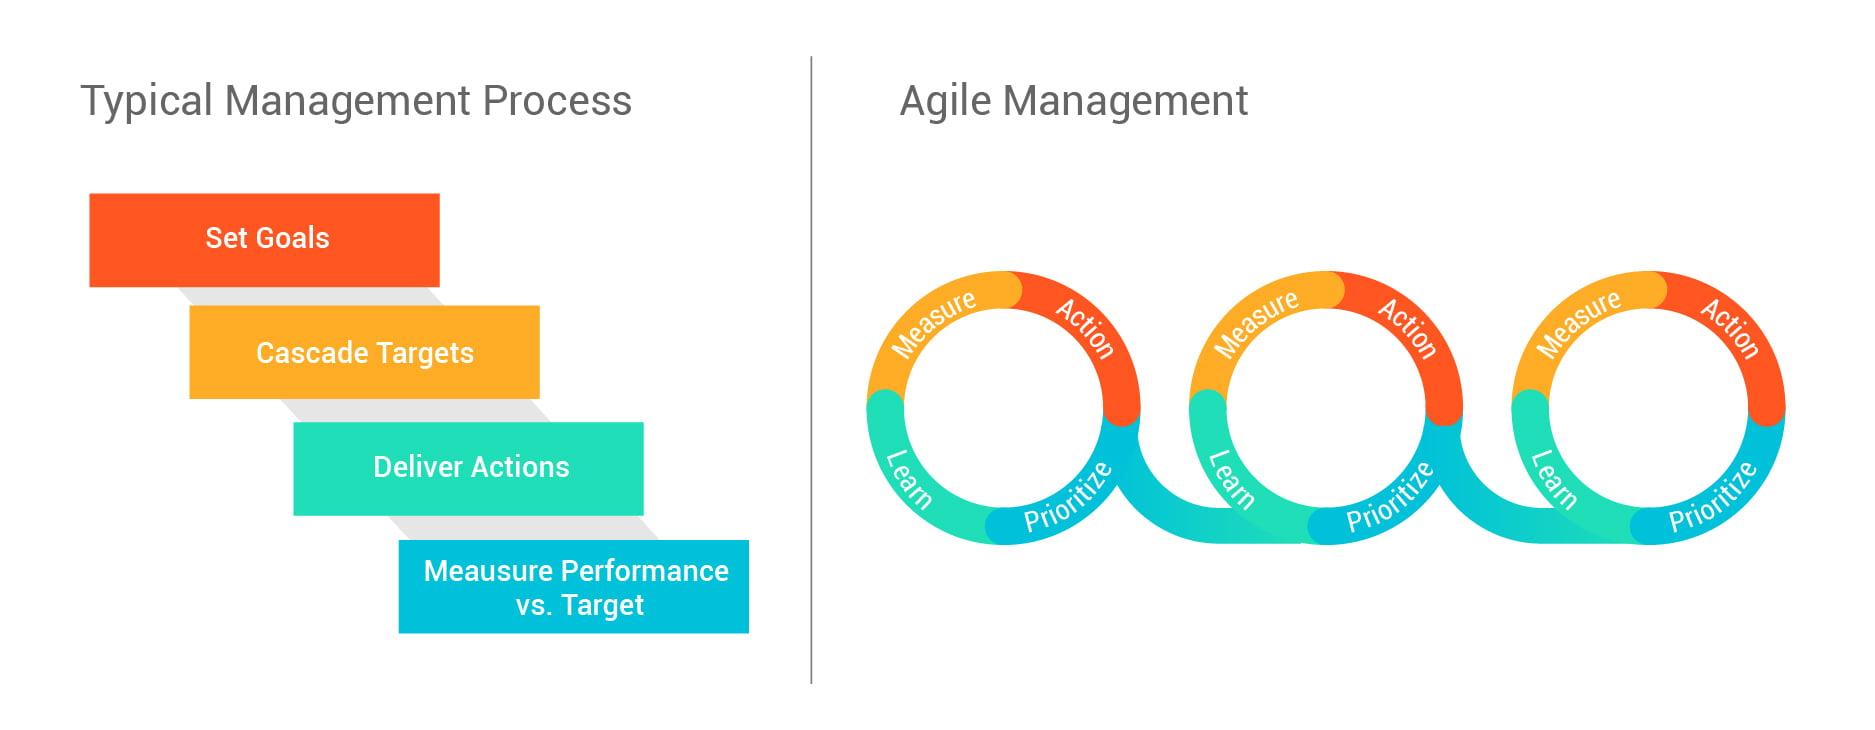 Typical management vs. Agile management